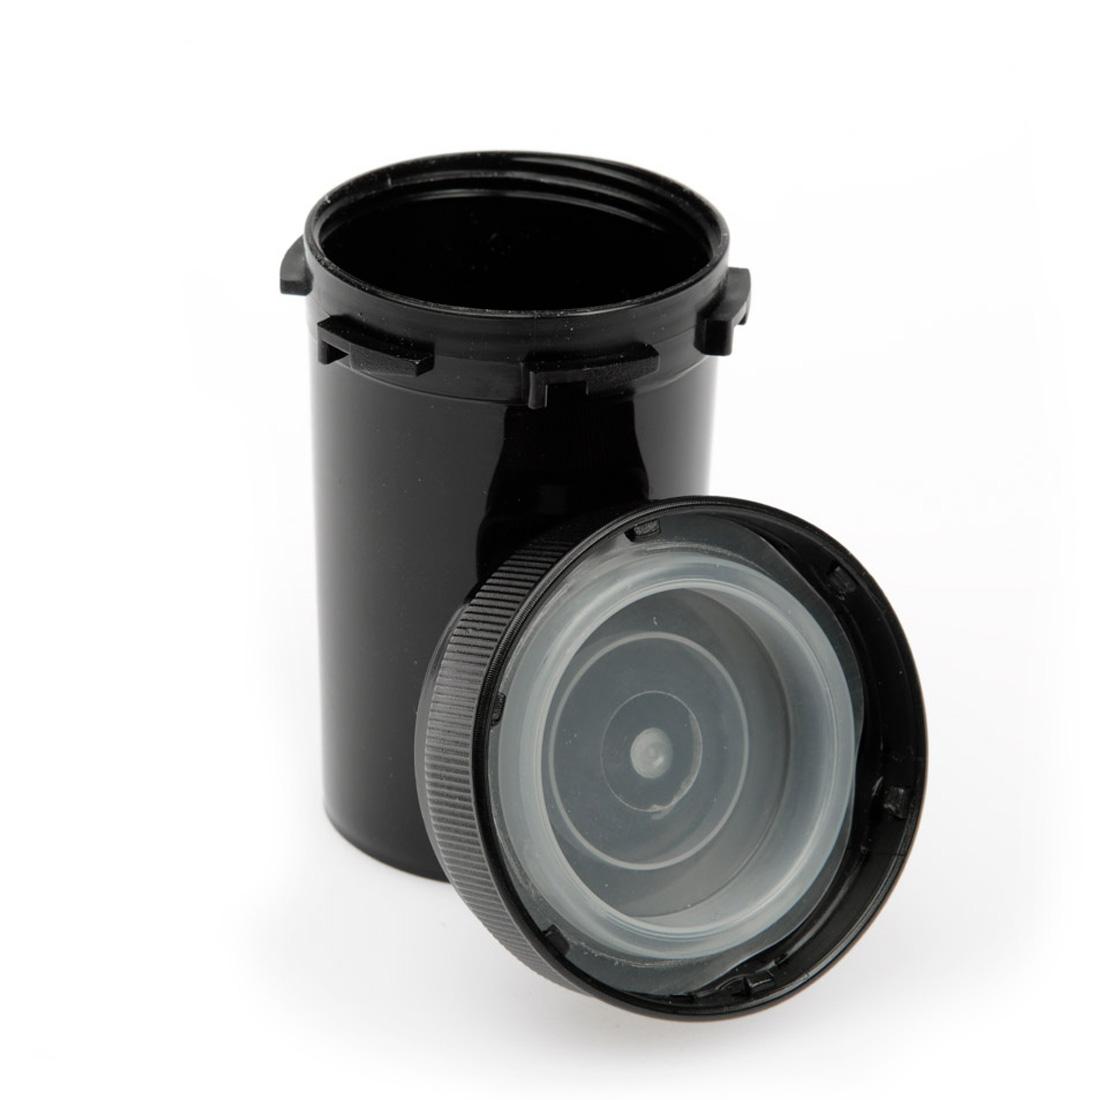 Boite hermetique avec couvercle divers accessoires fumeurs for Boite hermetique